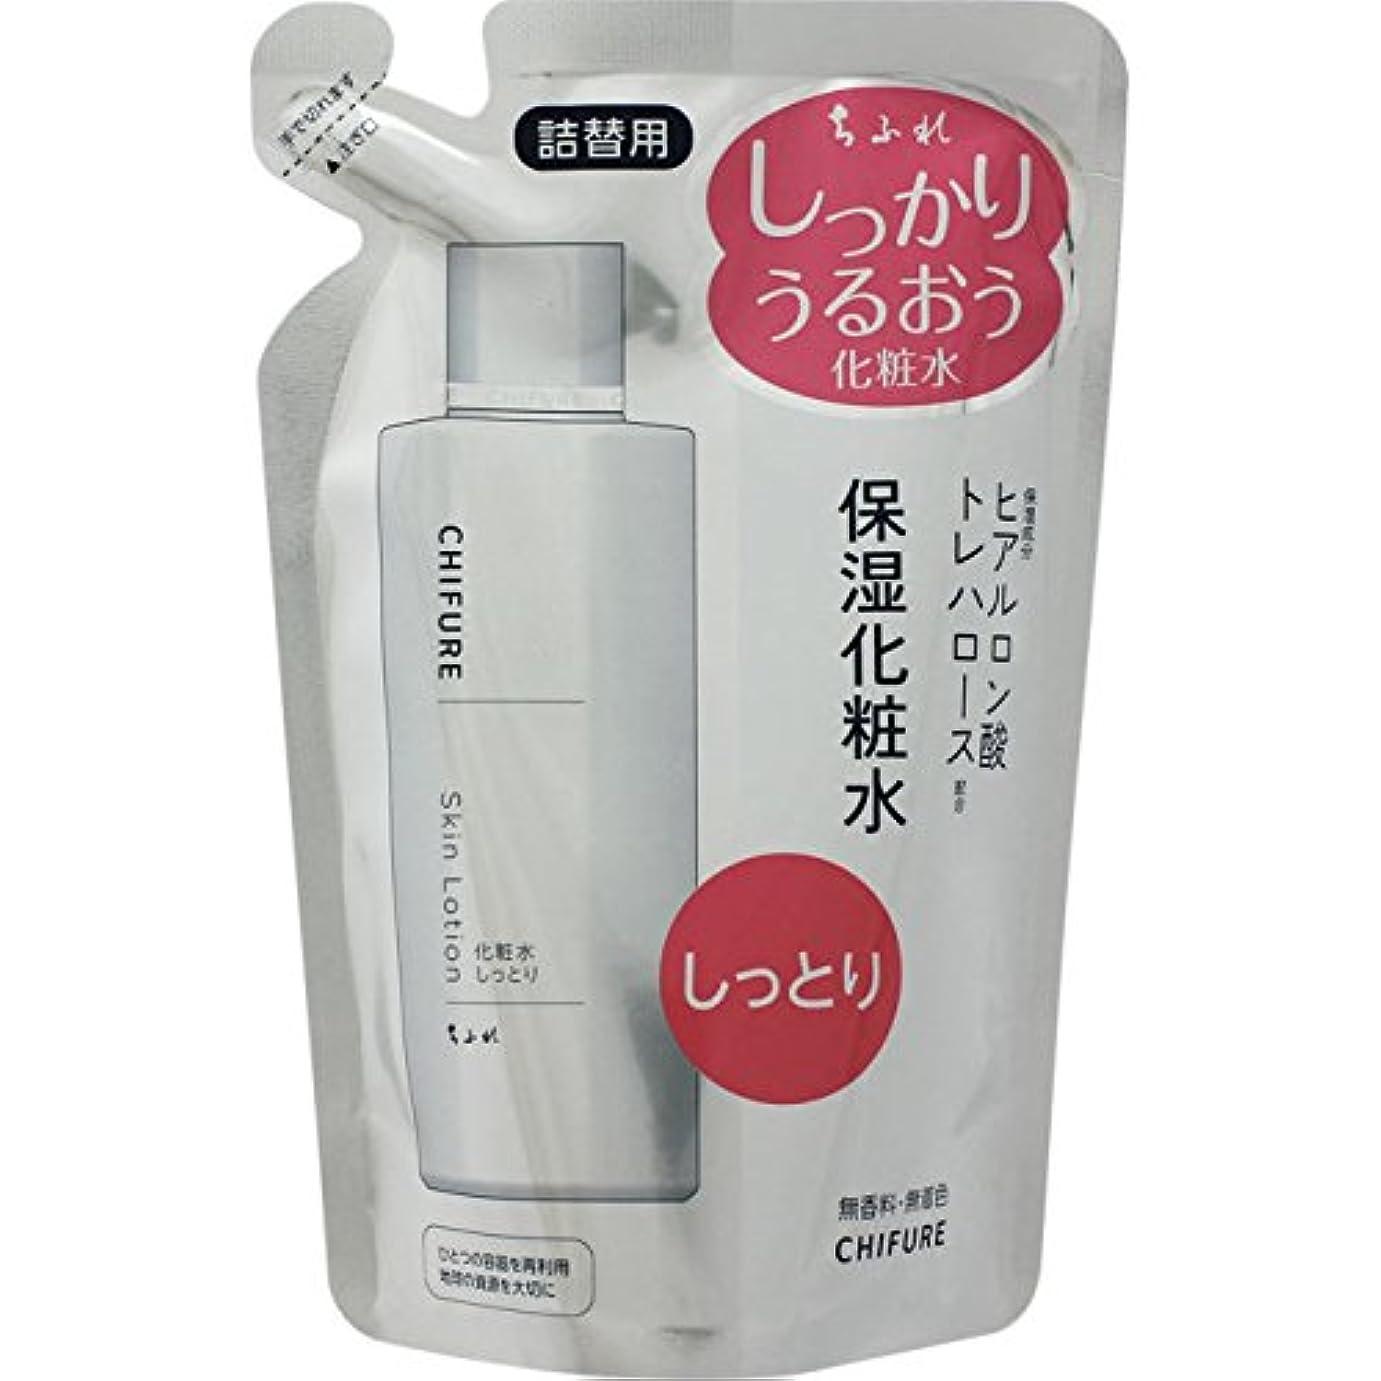 置くためにパック不平を言う消化ちふれ化粧品 化粧水 しっとりタイプ N 詰替え用 150ml 150ML